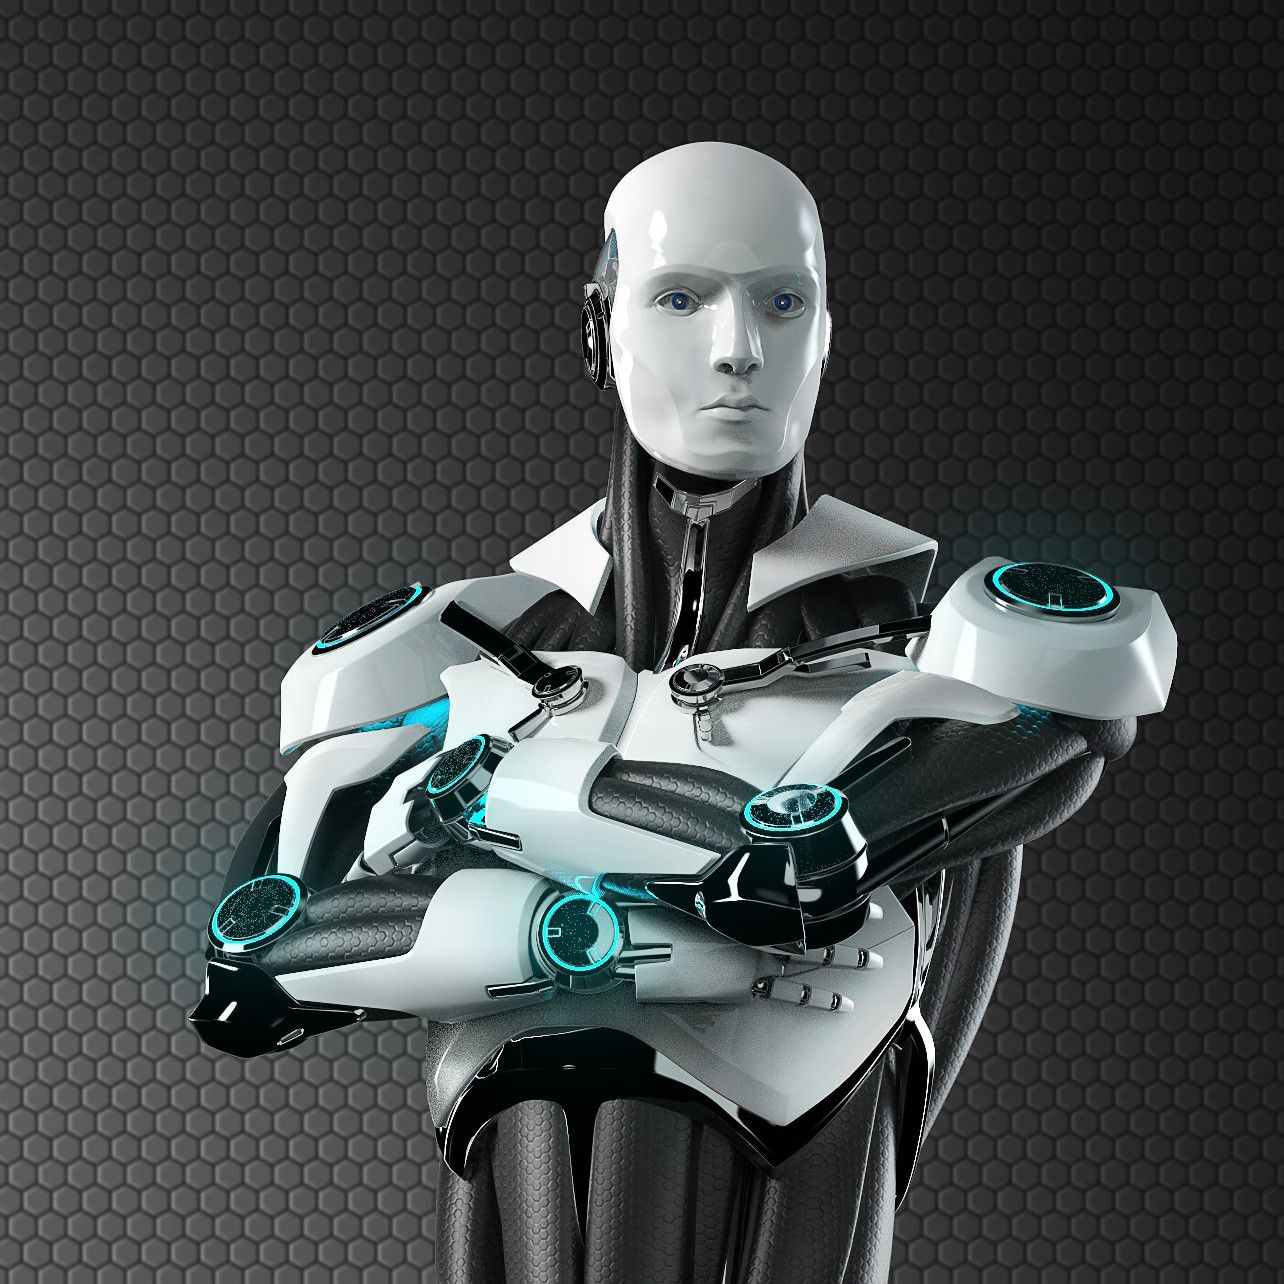 рада своей картинки роботов мужчин то